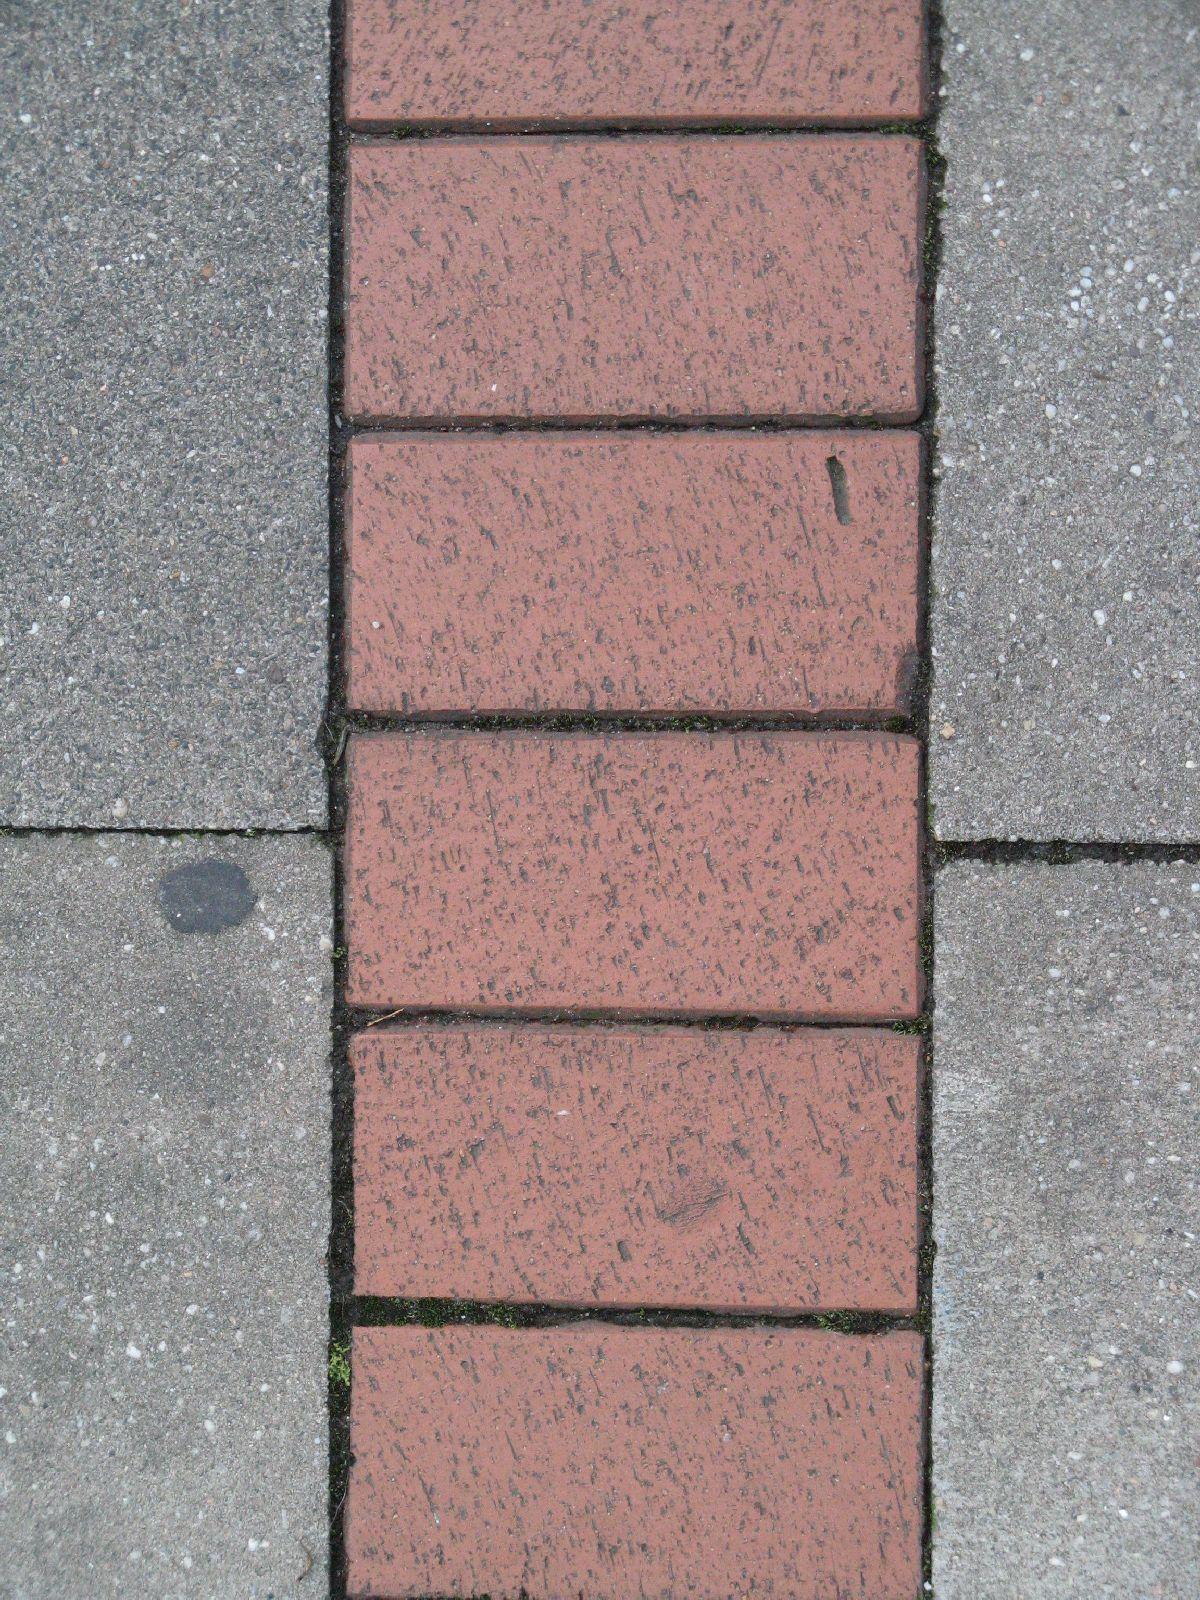 Boden-Gehweg-Strasse-Buergersteig-Textur_B_02828